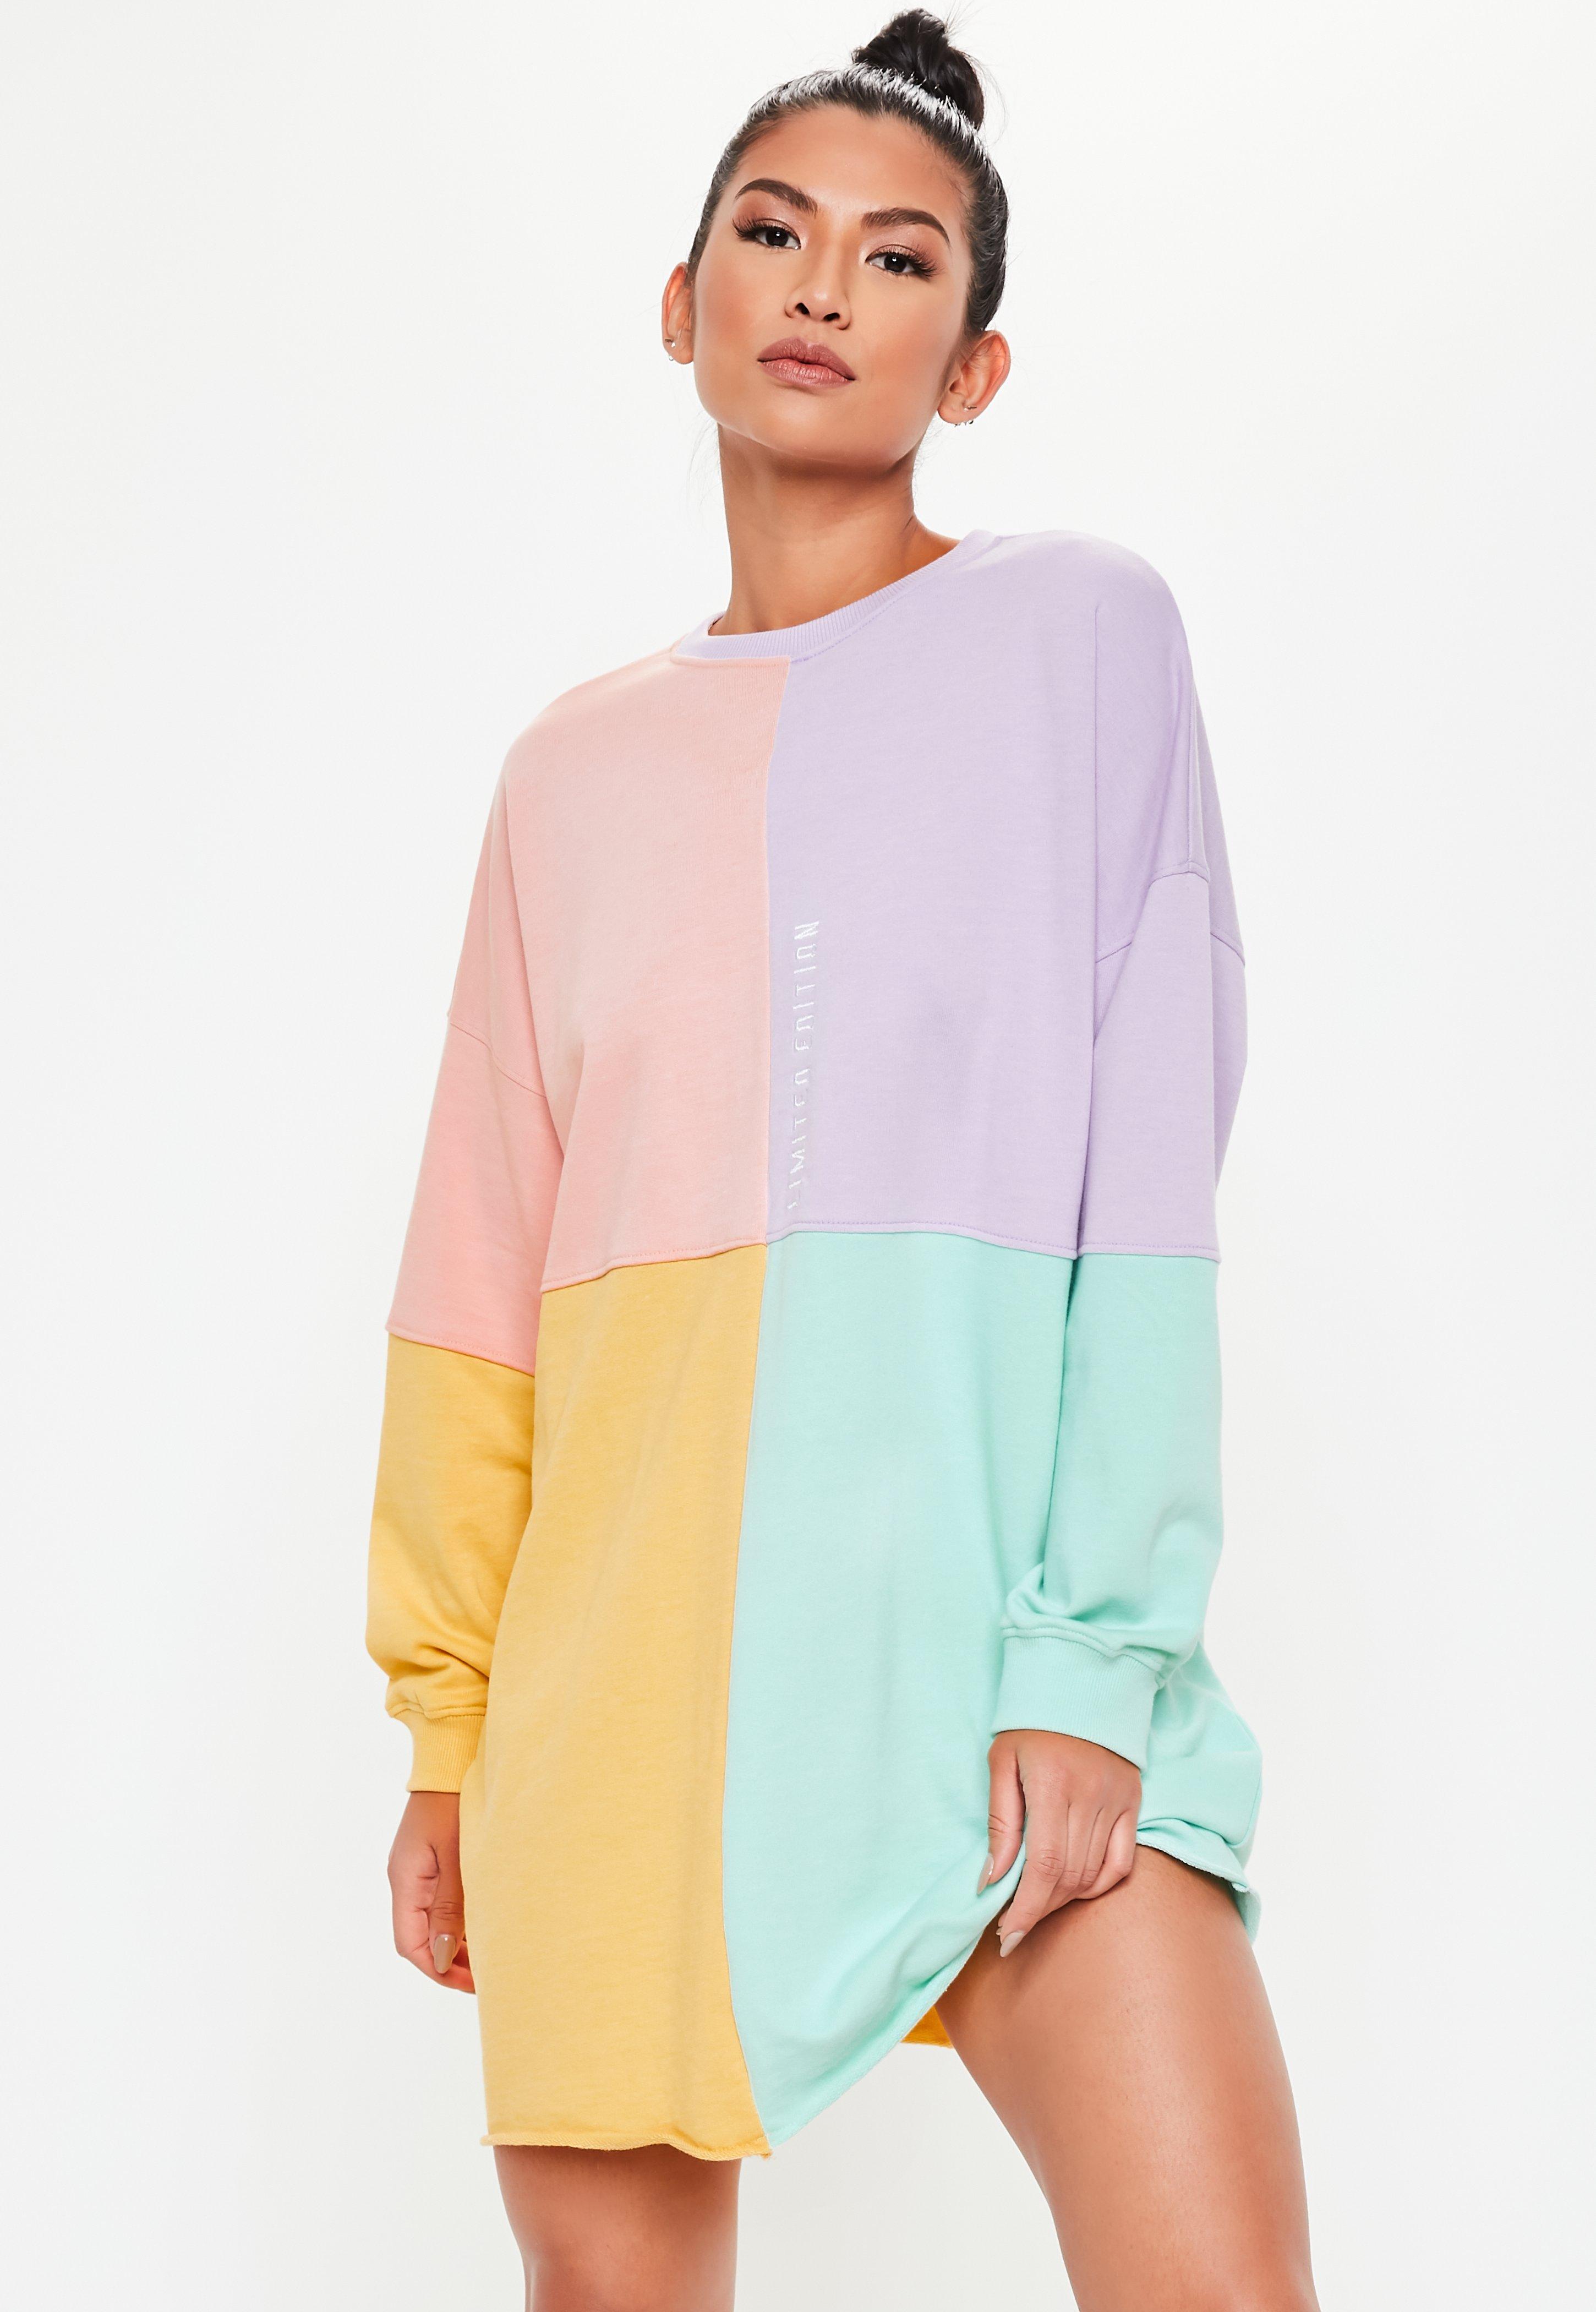 chercher meilleurs prix paquet à la mode et attrayant Robe-sweat oversize rose pastel colorblock